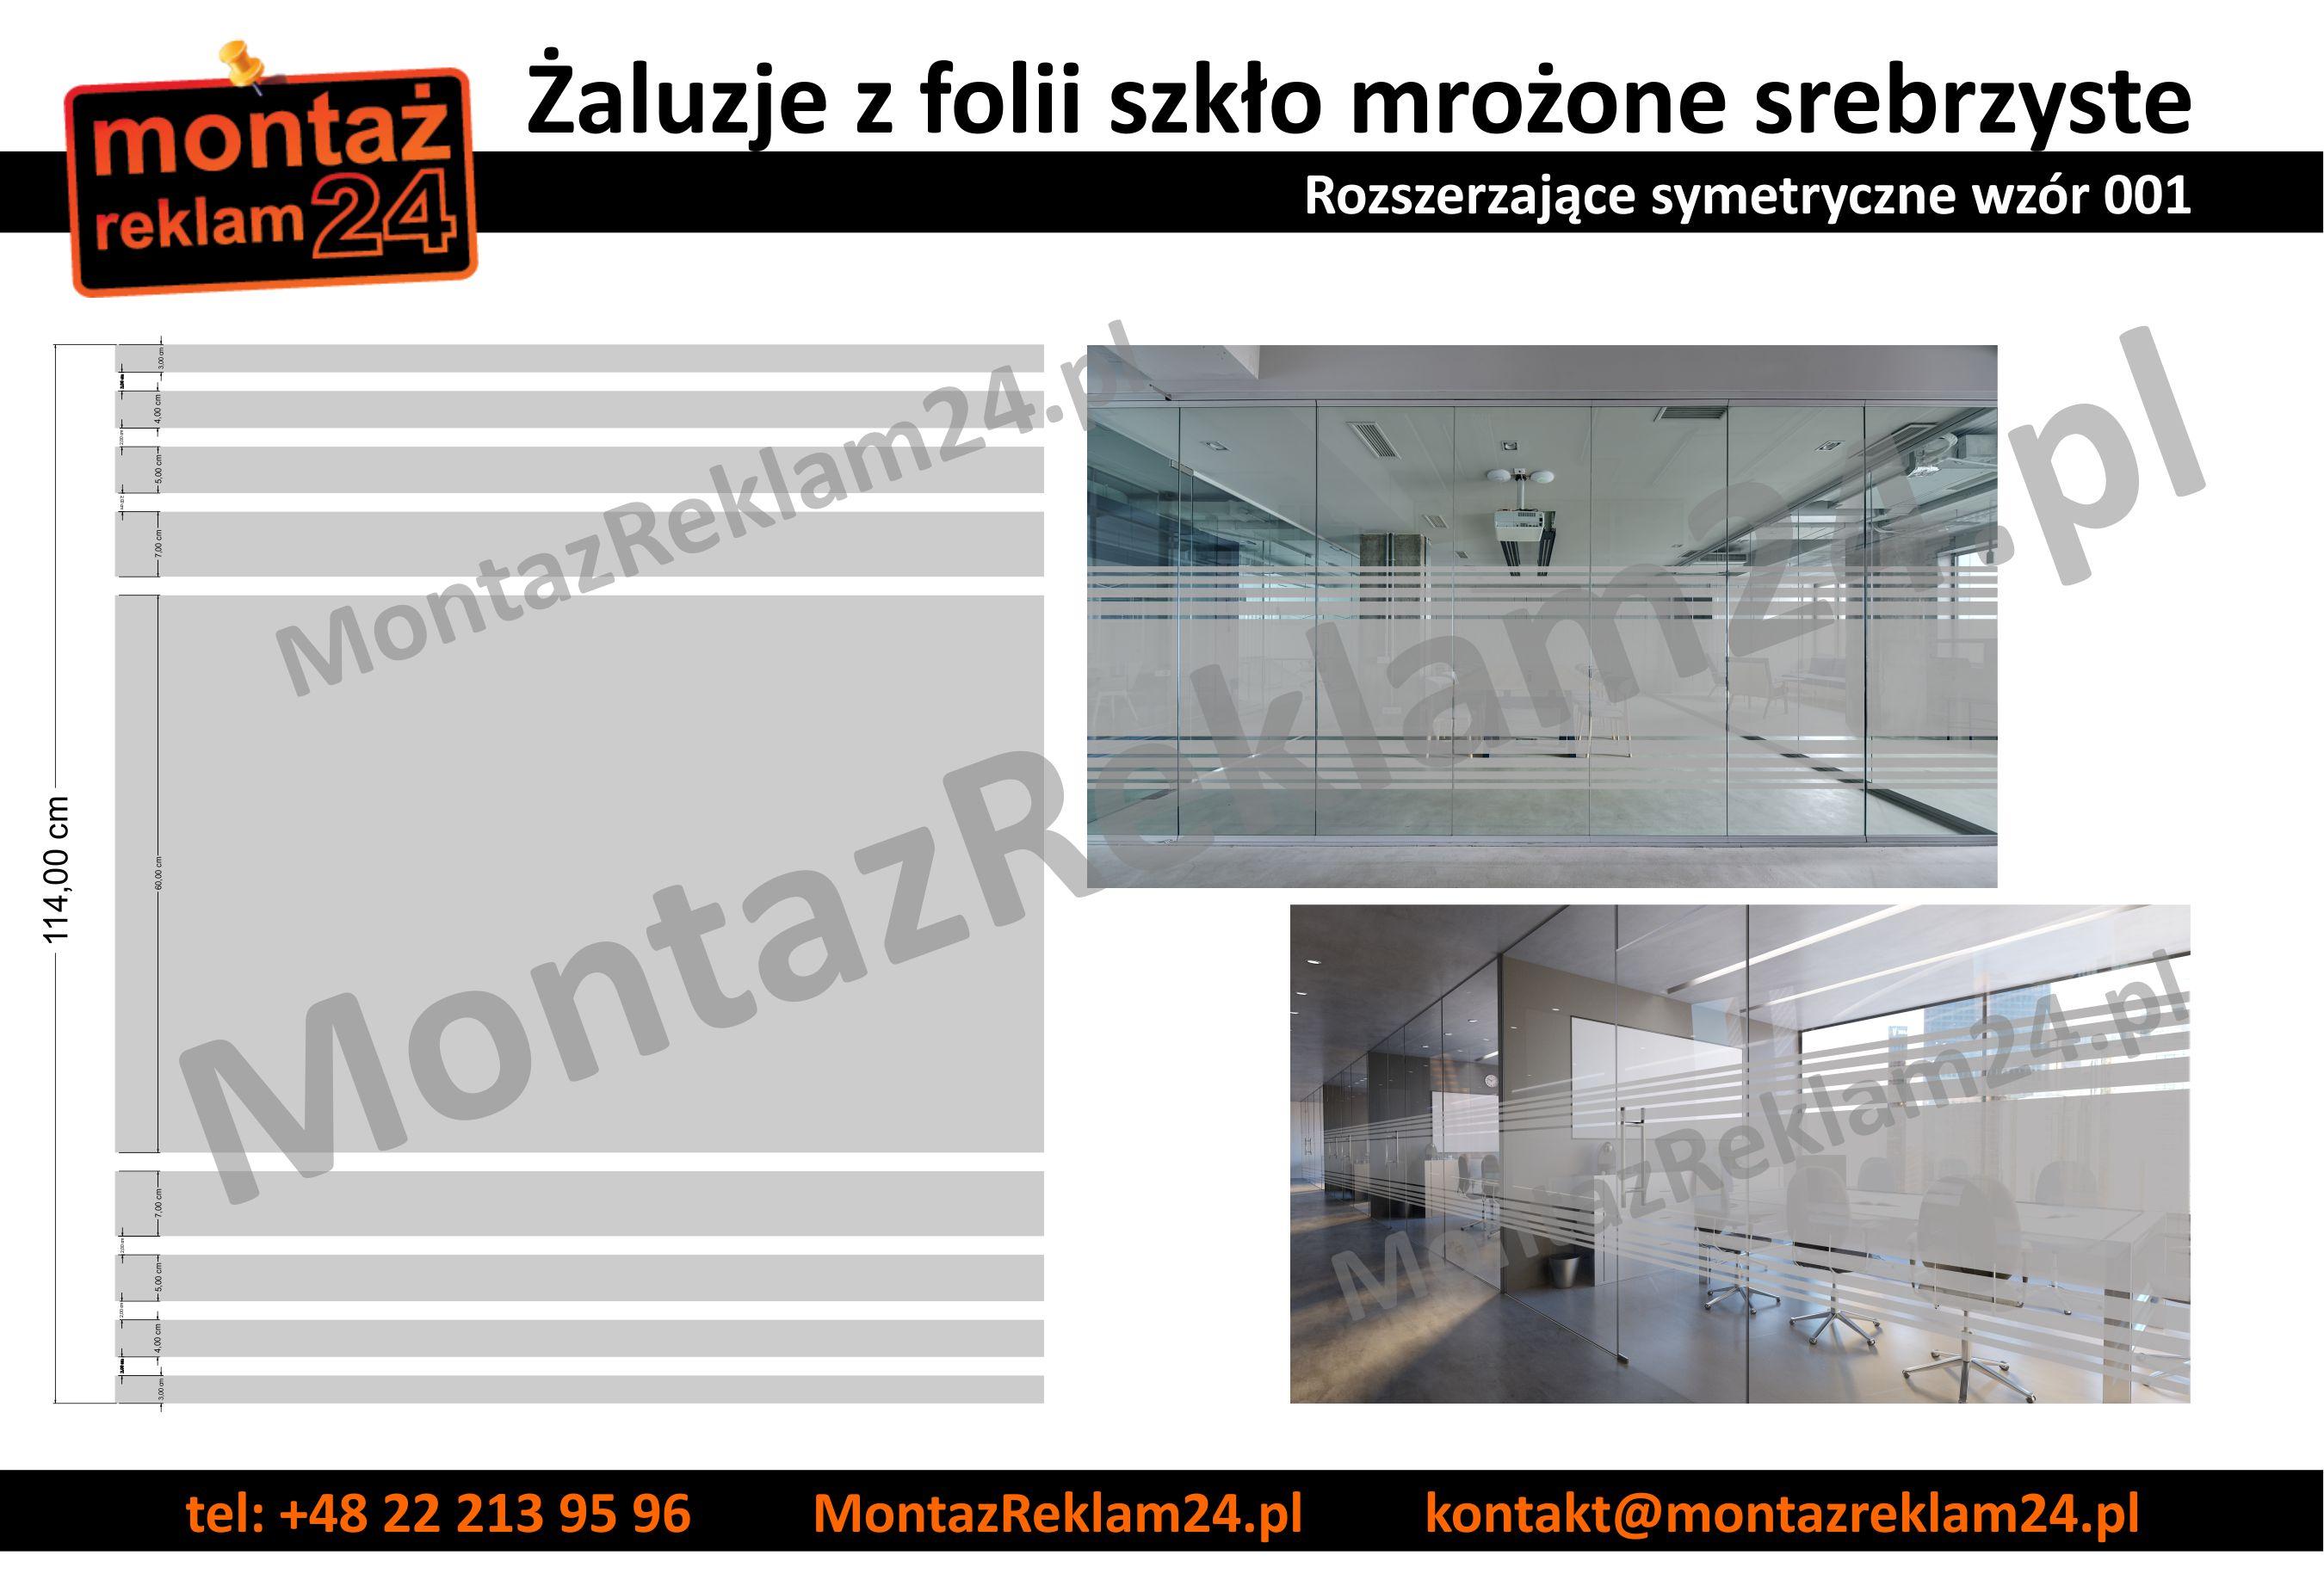 Zaluzje z folii mrozonej rozszerzajace sie - wzor001 - MontazReklam24.jpg